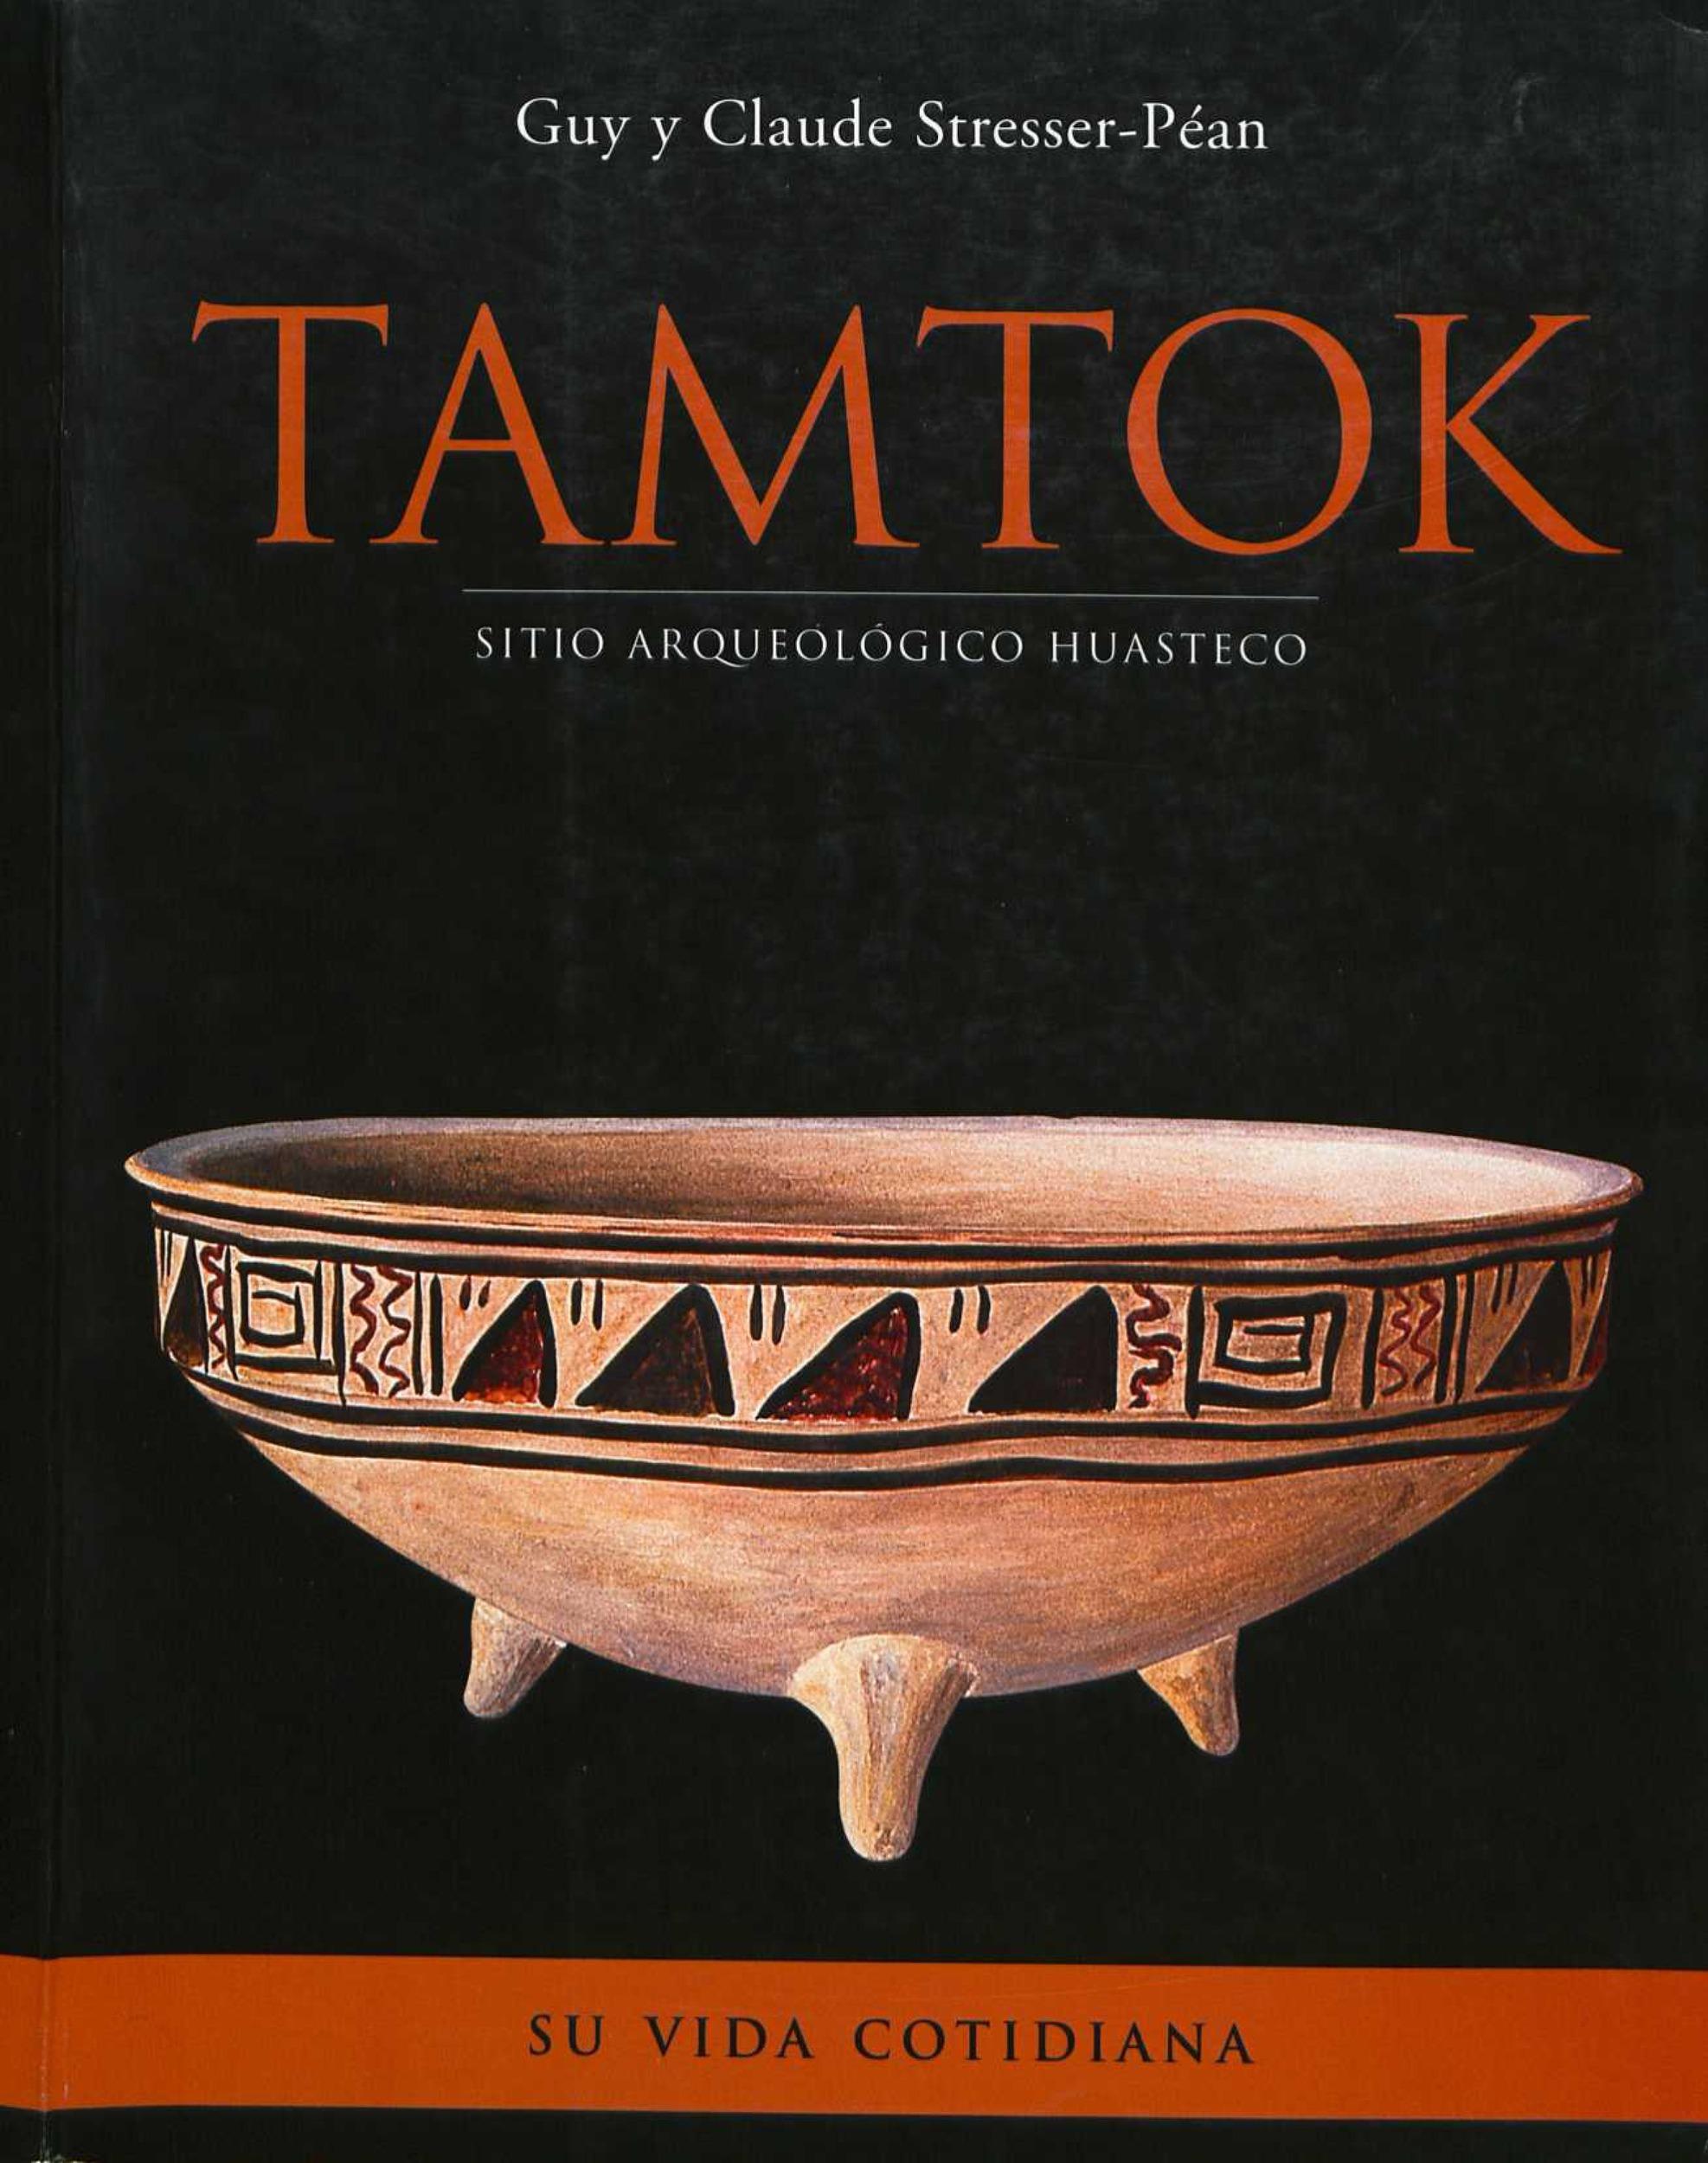 Tamtok, sitio arqueologico huasteco. Volumen II